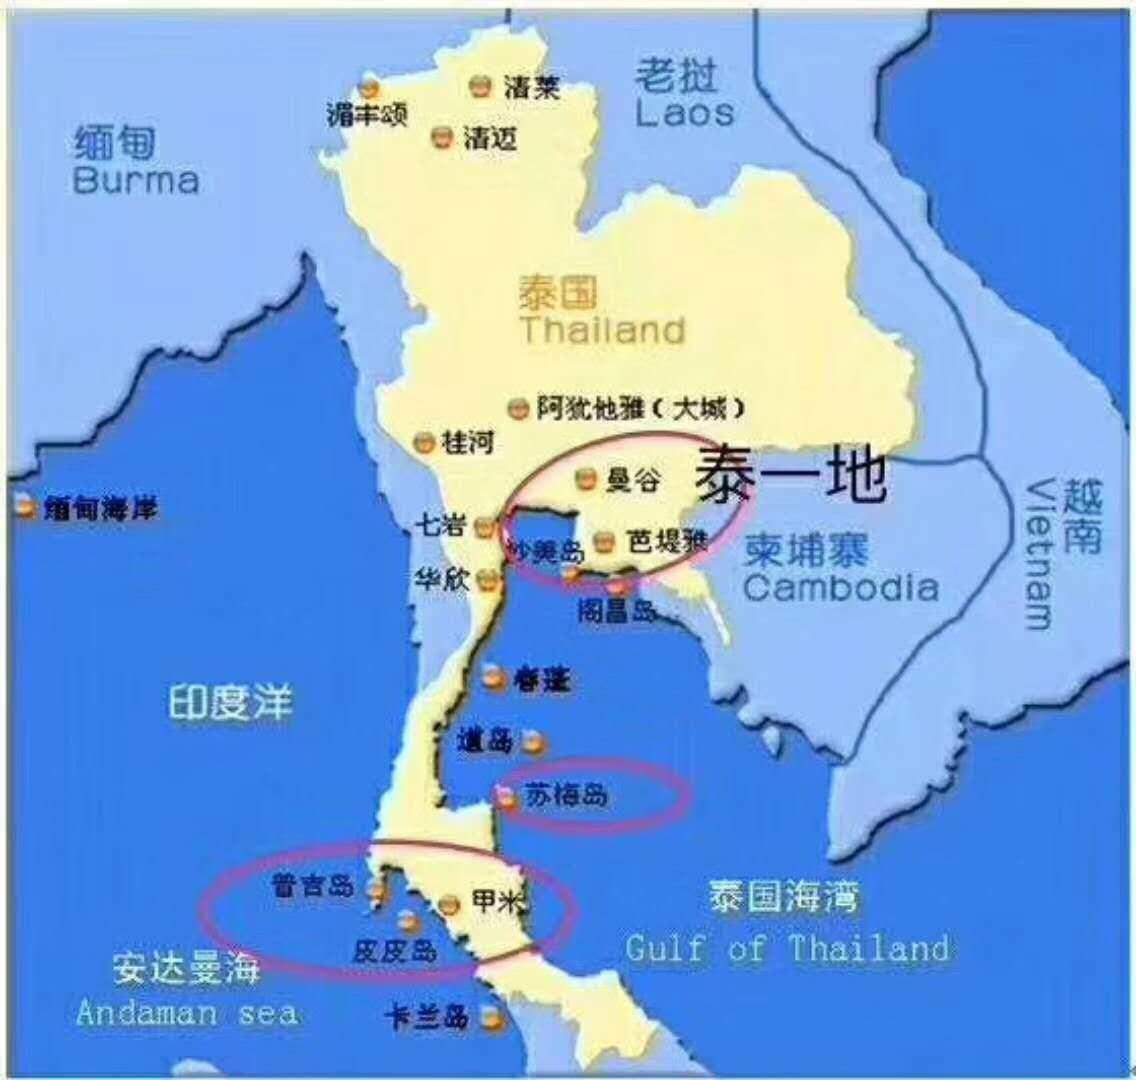 攻略!泰国旅游线路地理位置解释 客户评价 第1张